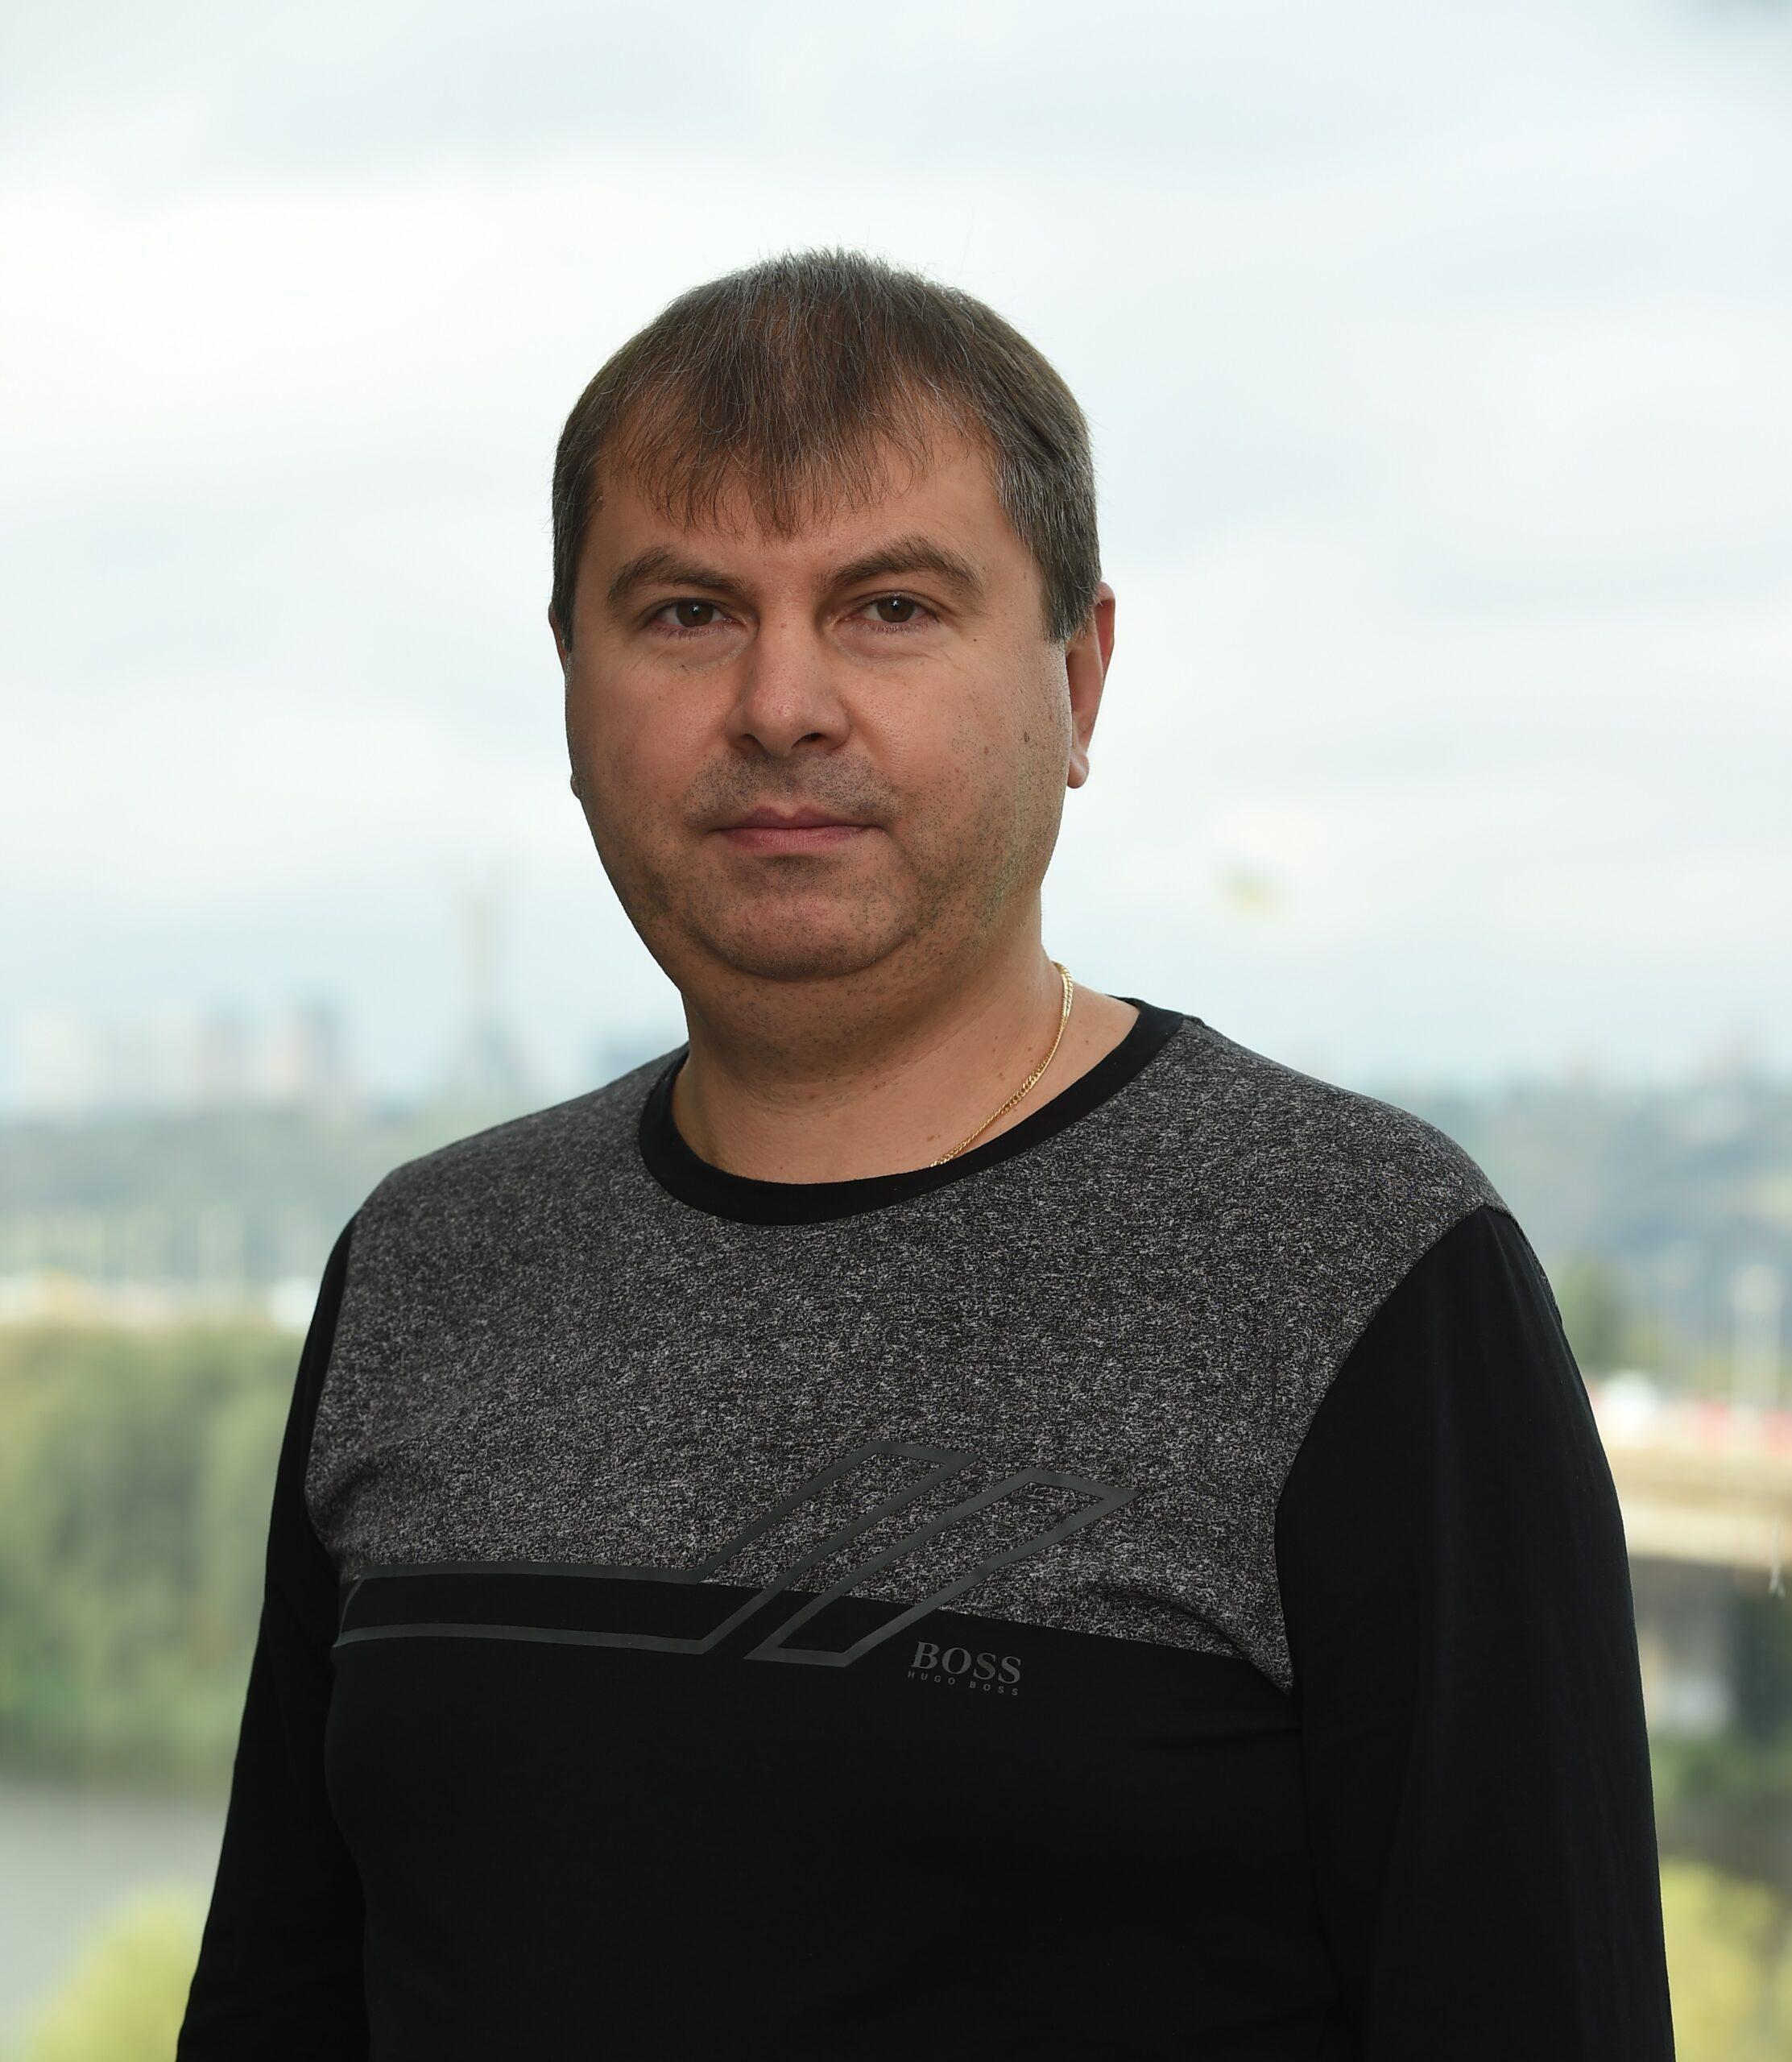 ЗМІ про нас: «Як компанія «ФІТОФАРМ» економить до 40% закупівельного бюджету завдяки електронним тендерам» - в інтерв'ю Владислава Малиніна медіаресурсу EVO Business